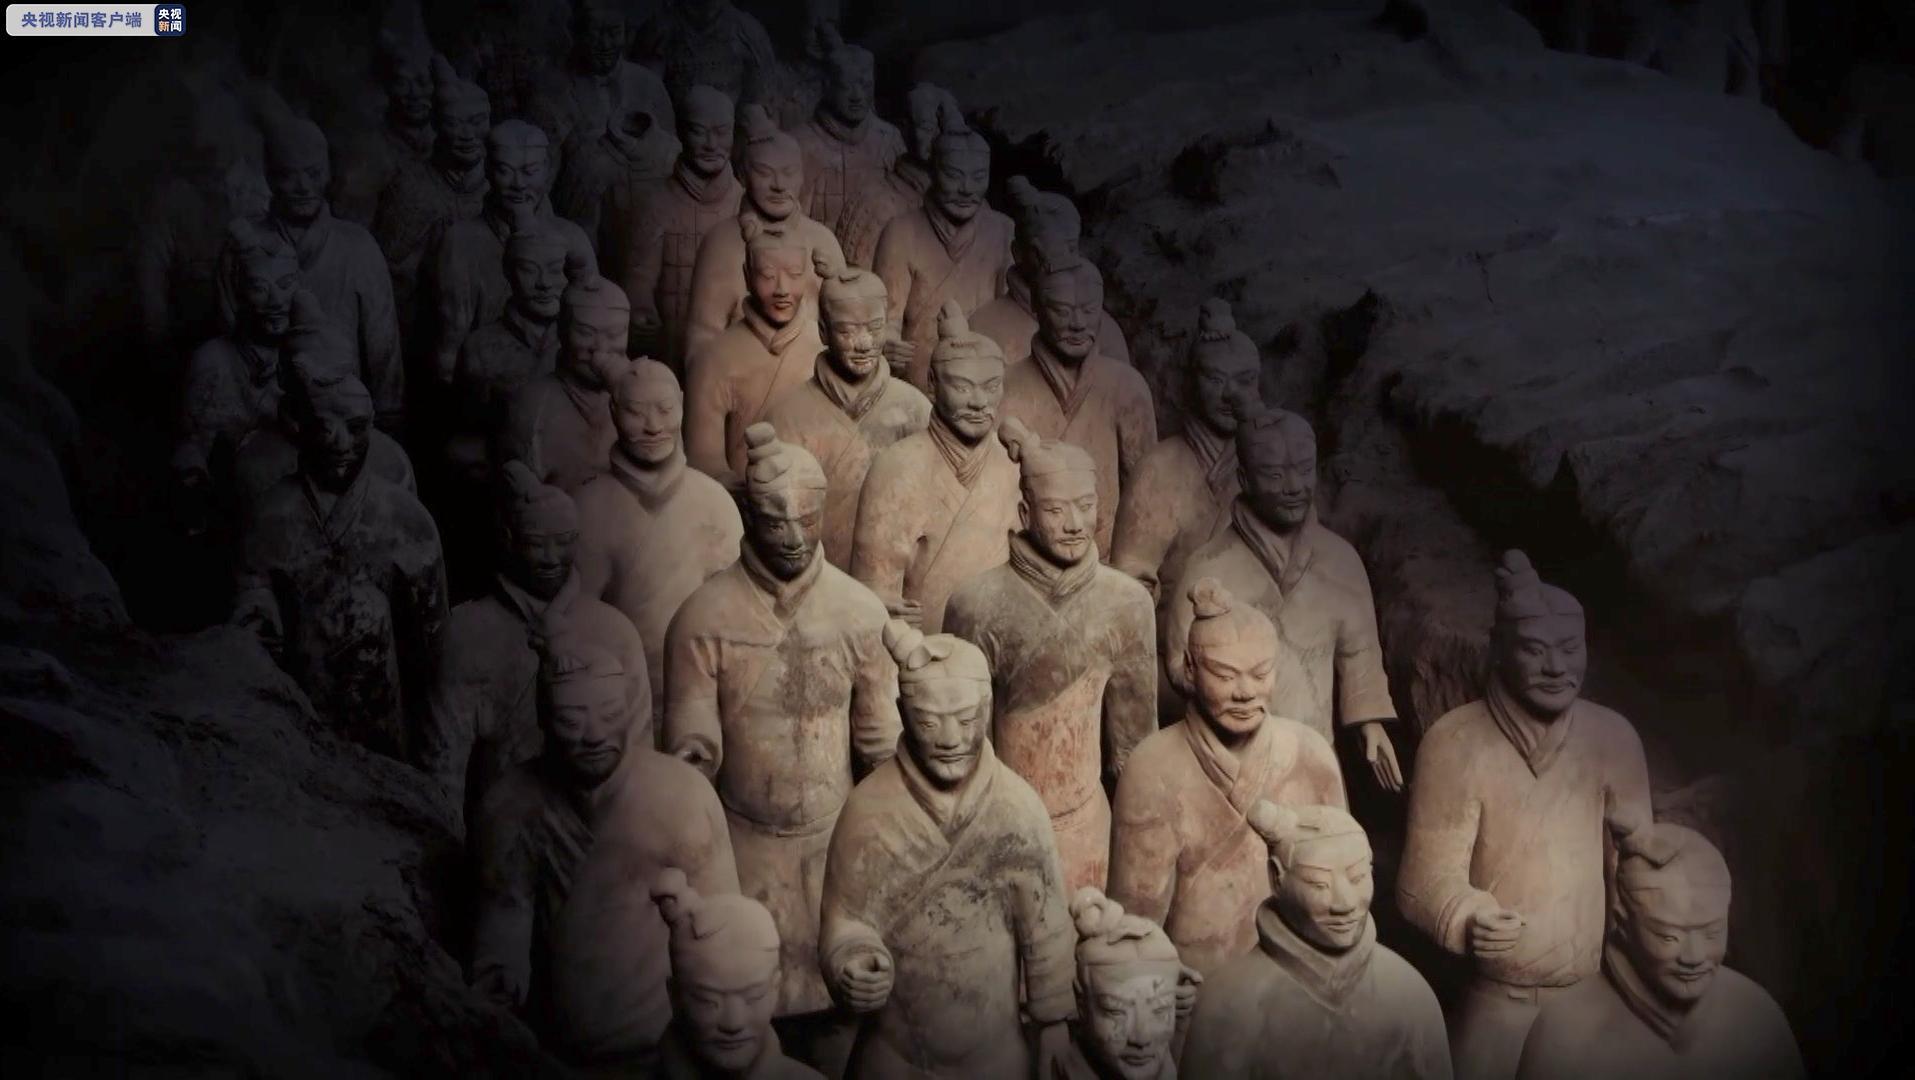 秦始皇陵兵马俑端午期间需提前预约单日限流8000人